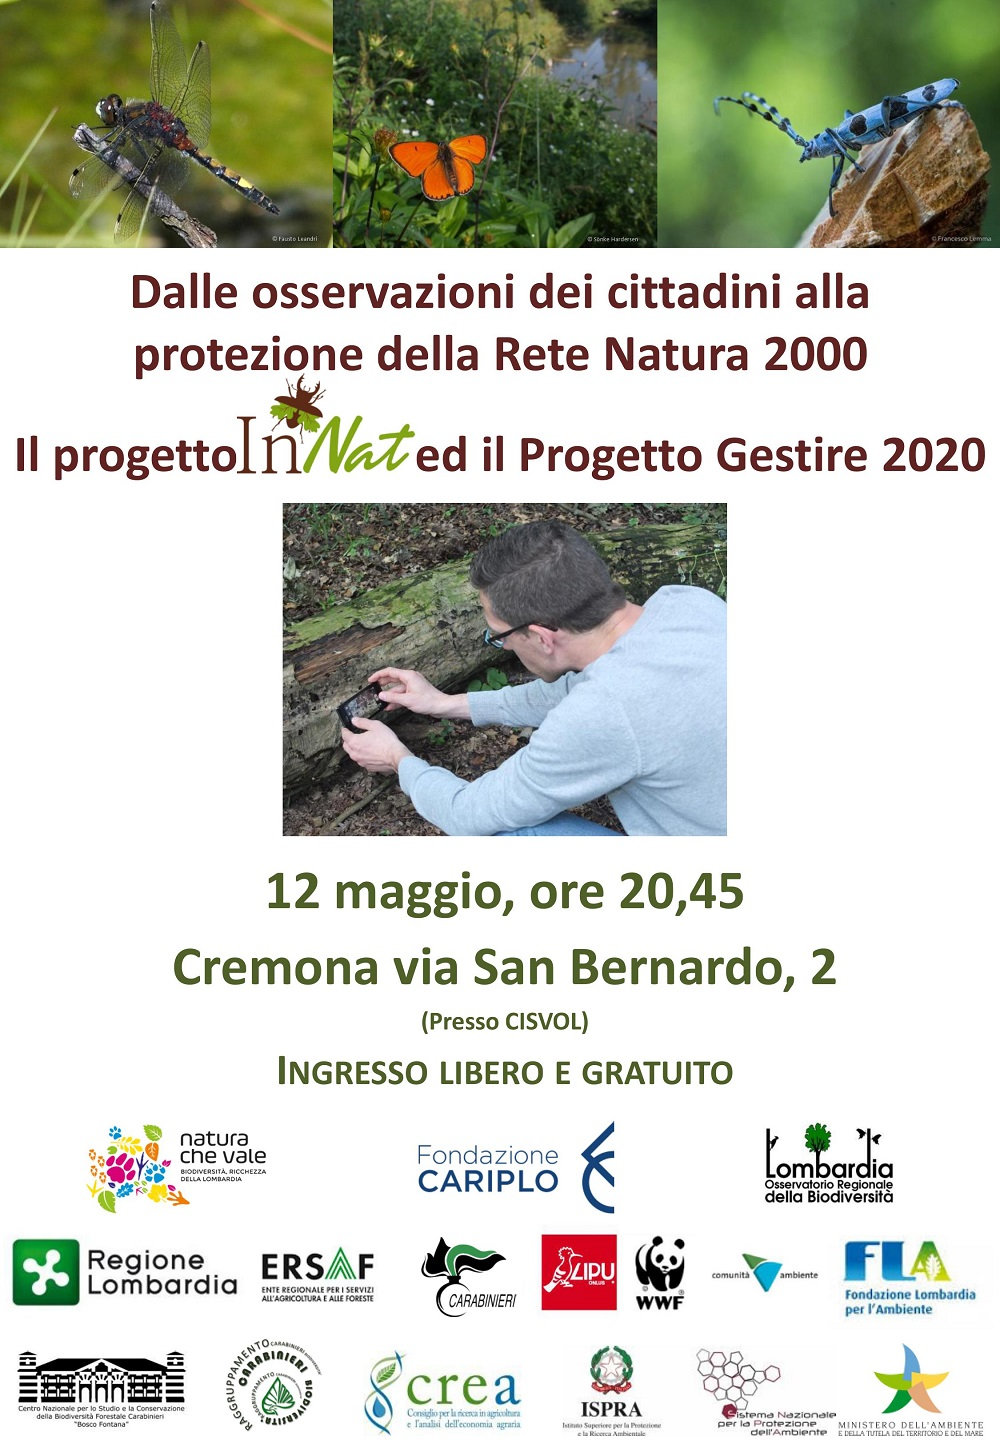 Dalle-osservazioni-dei-cittadini-alla-protezione-della-Rete-Natura-2000-Cremona.jpg